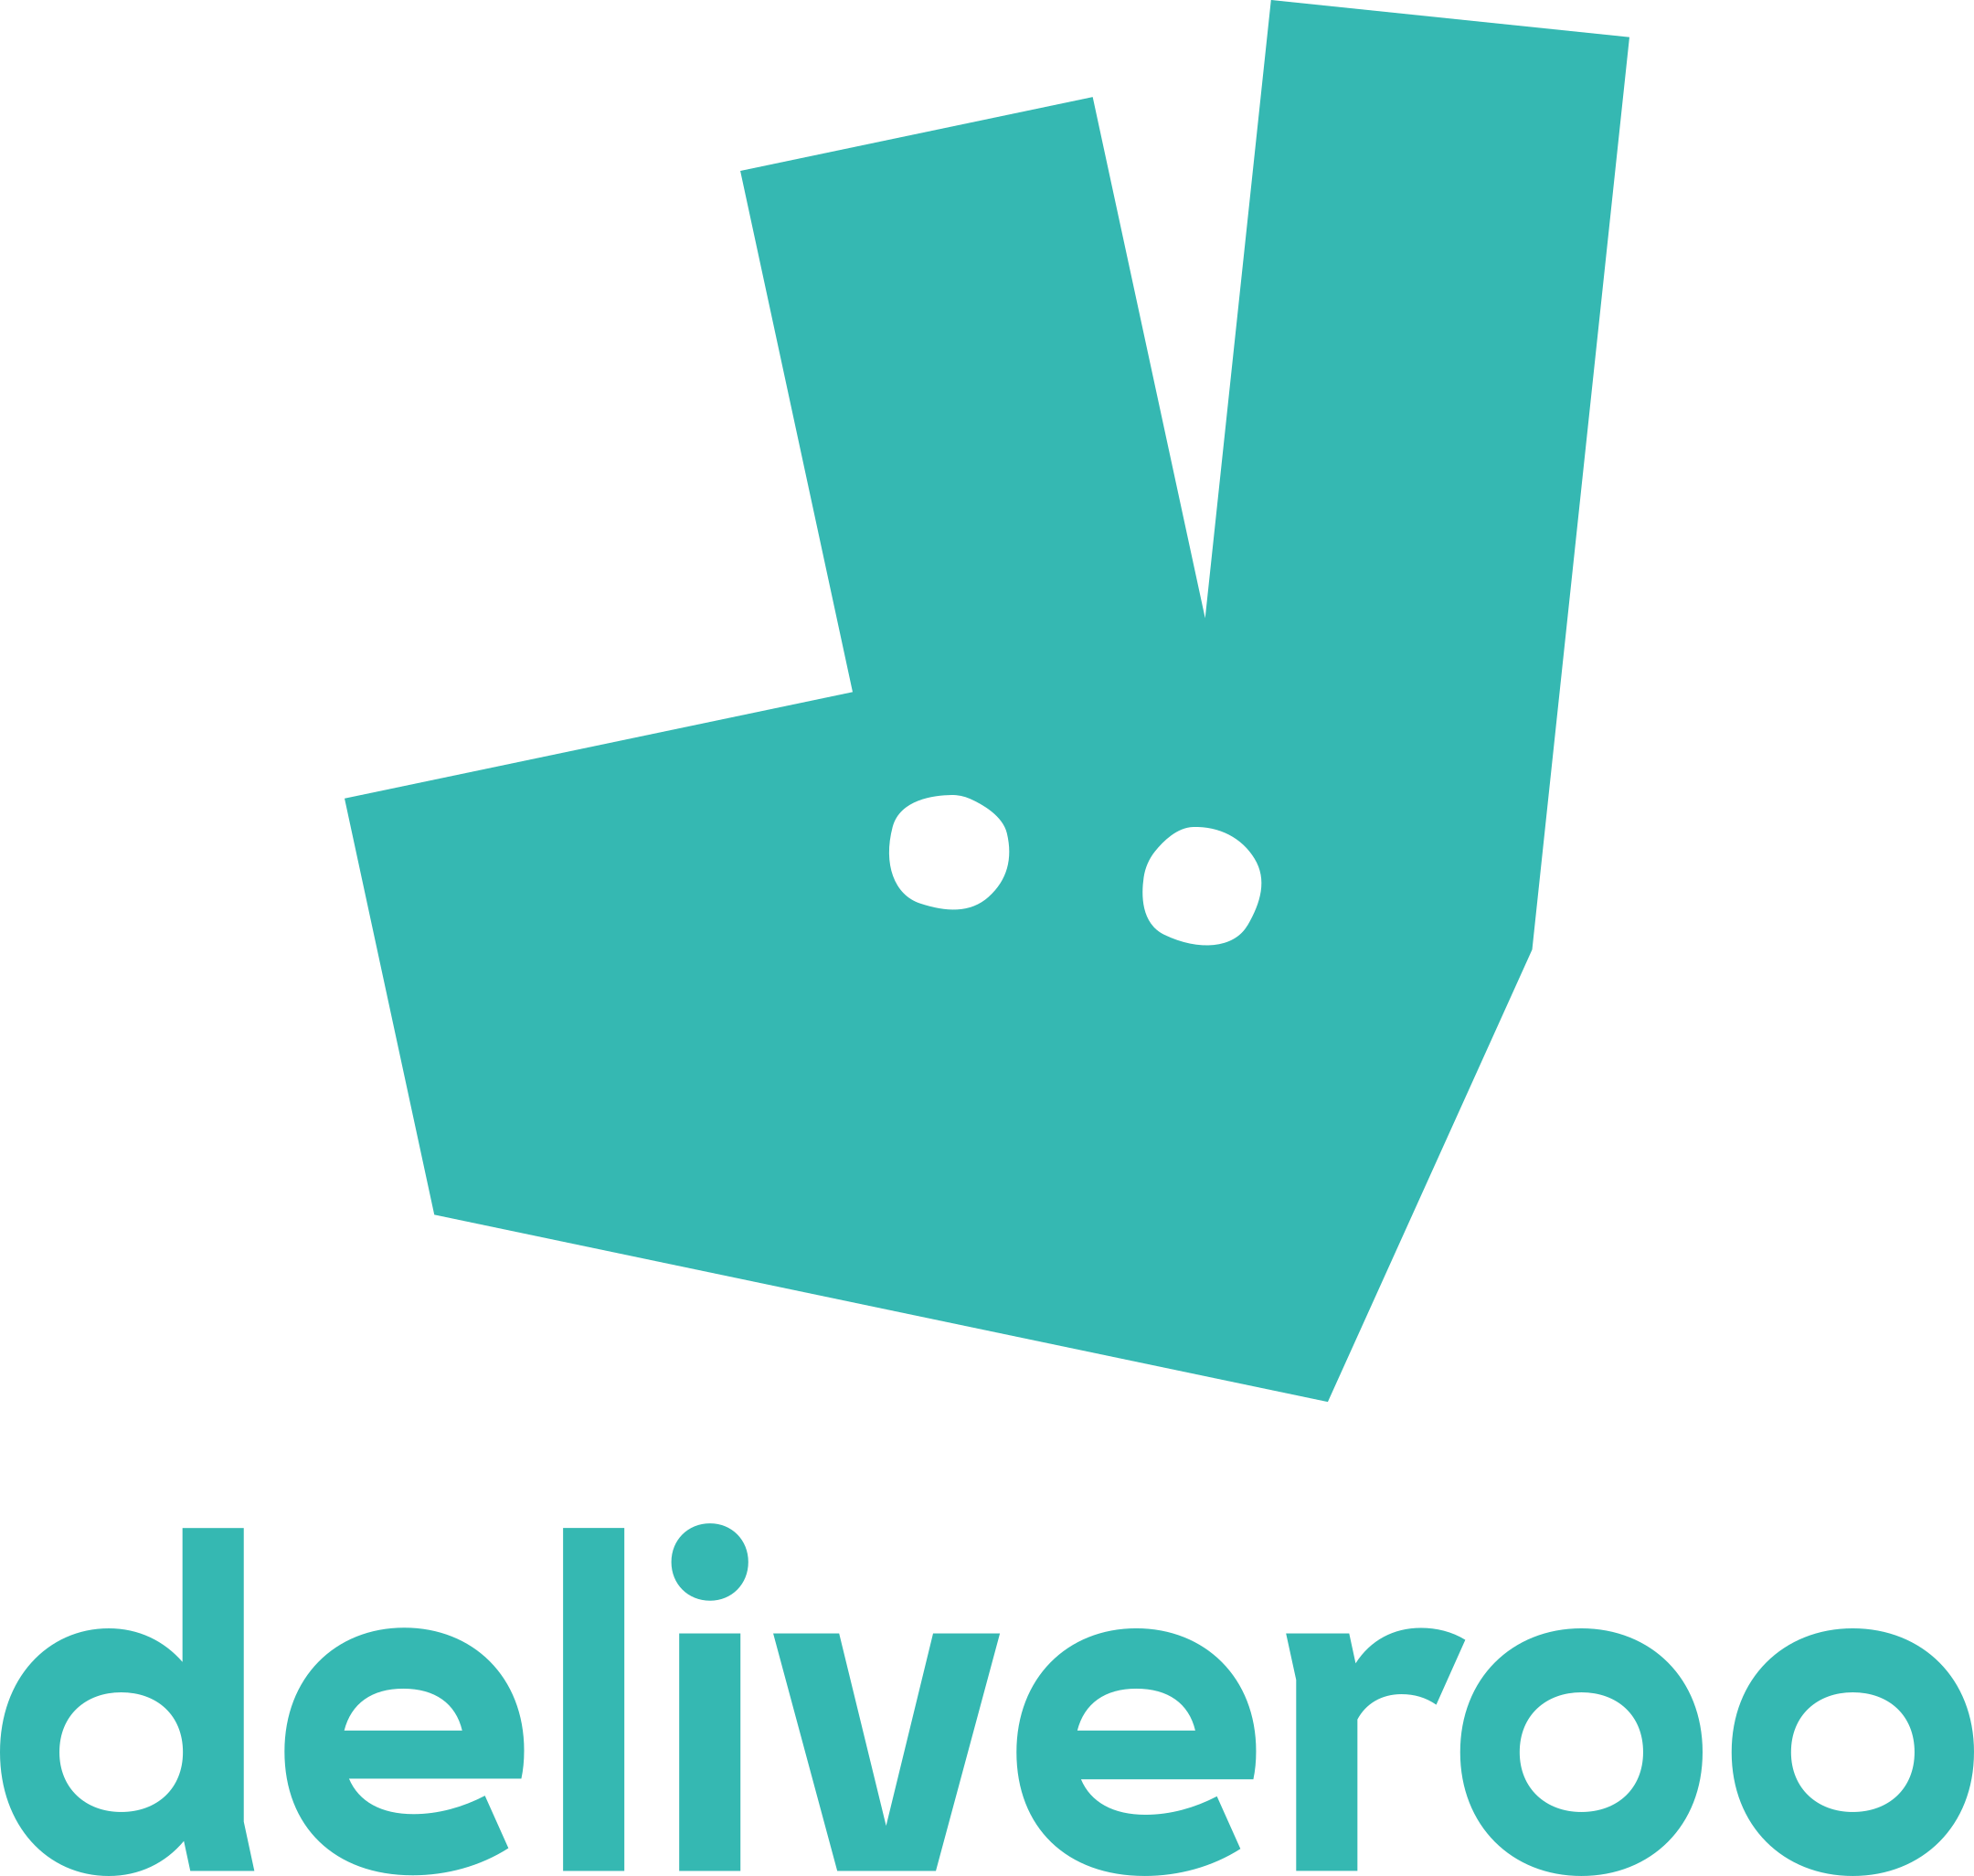 deliveroo logo 3 - Deliveroo Logo